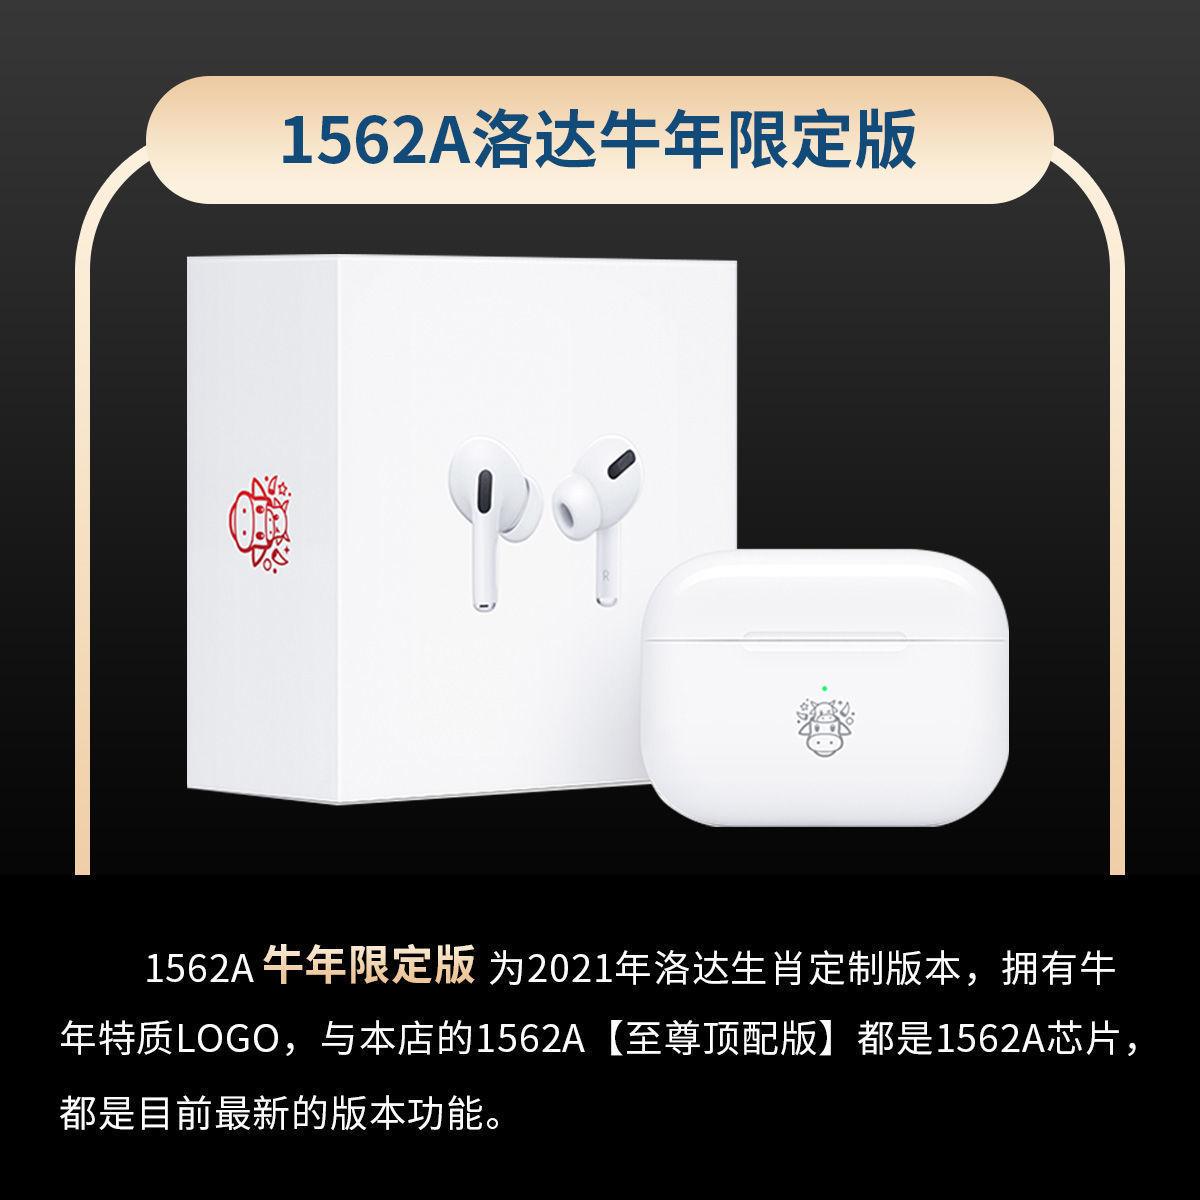 华强北洛达1562A三代无线蓝牙耳机真降噪通透空间ios安卓系统通用主图9